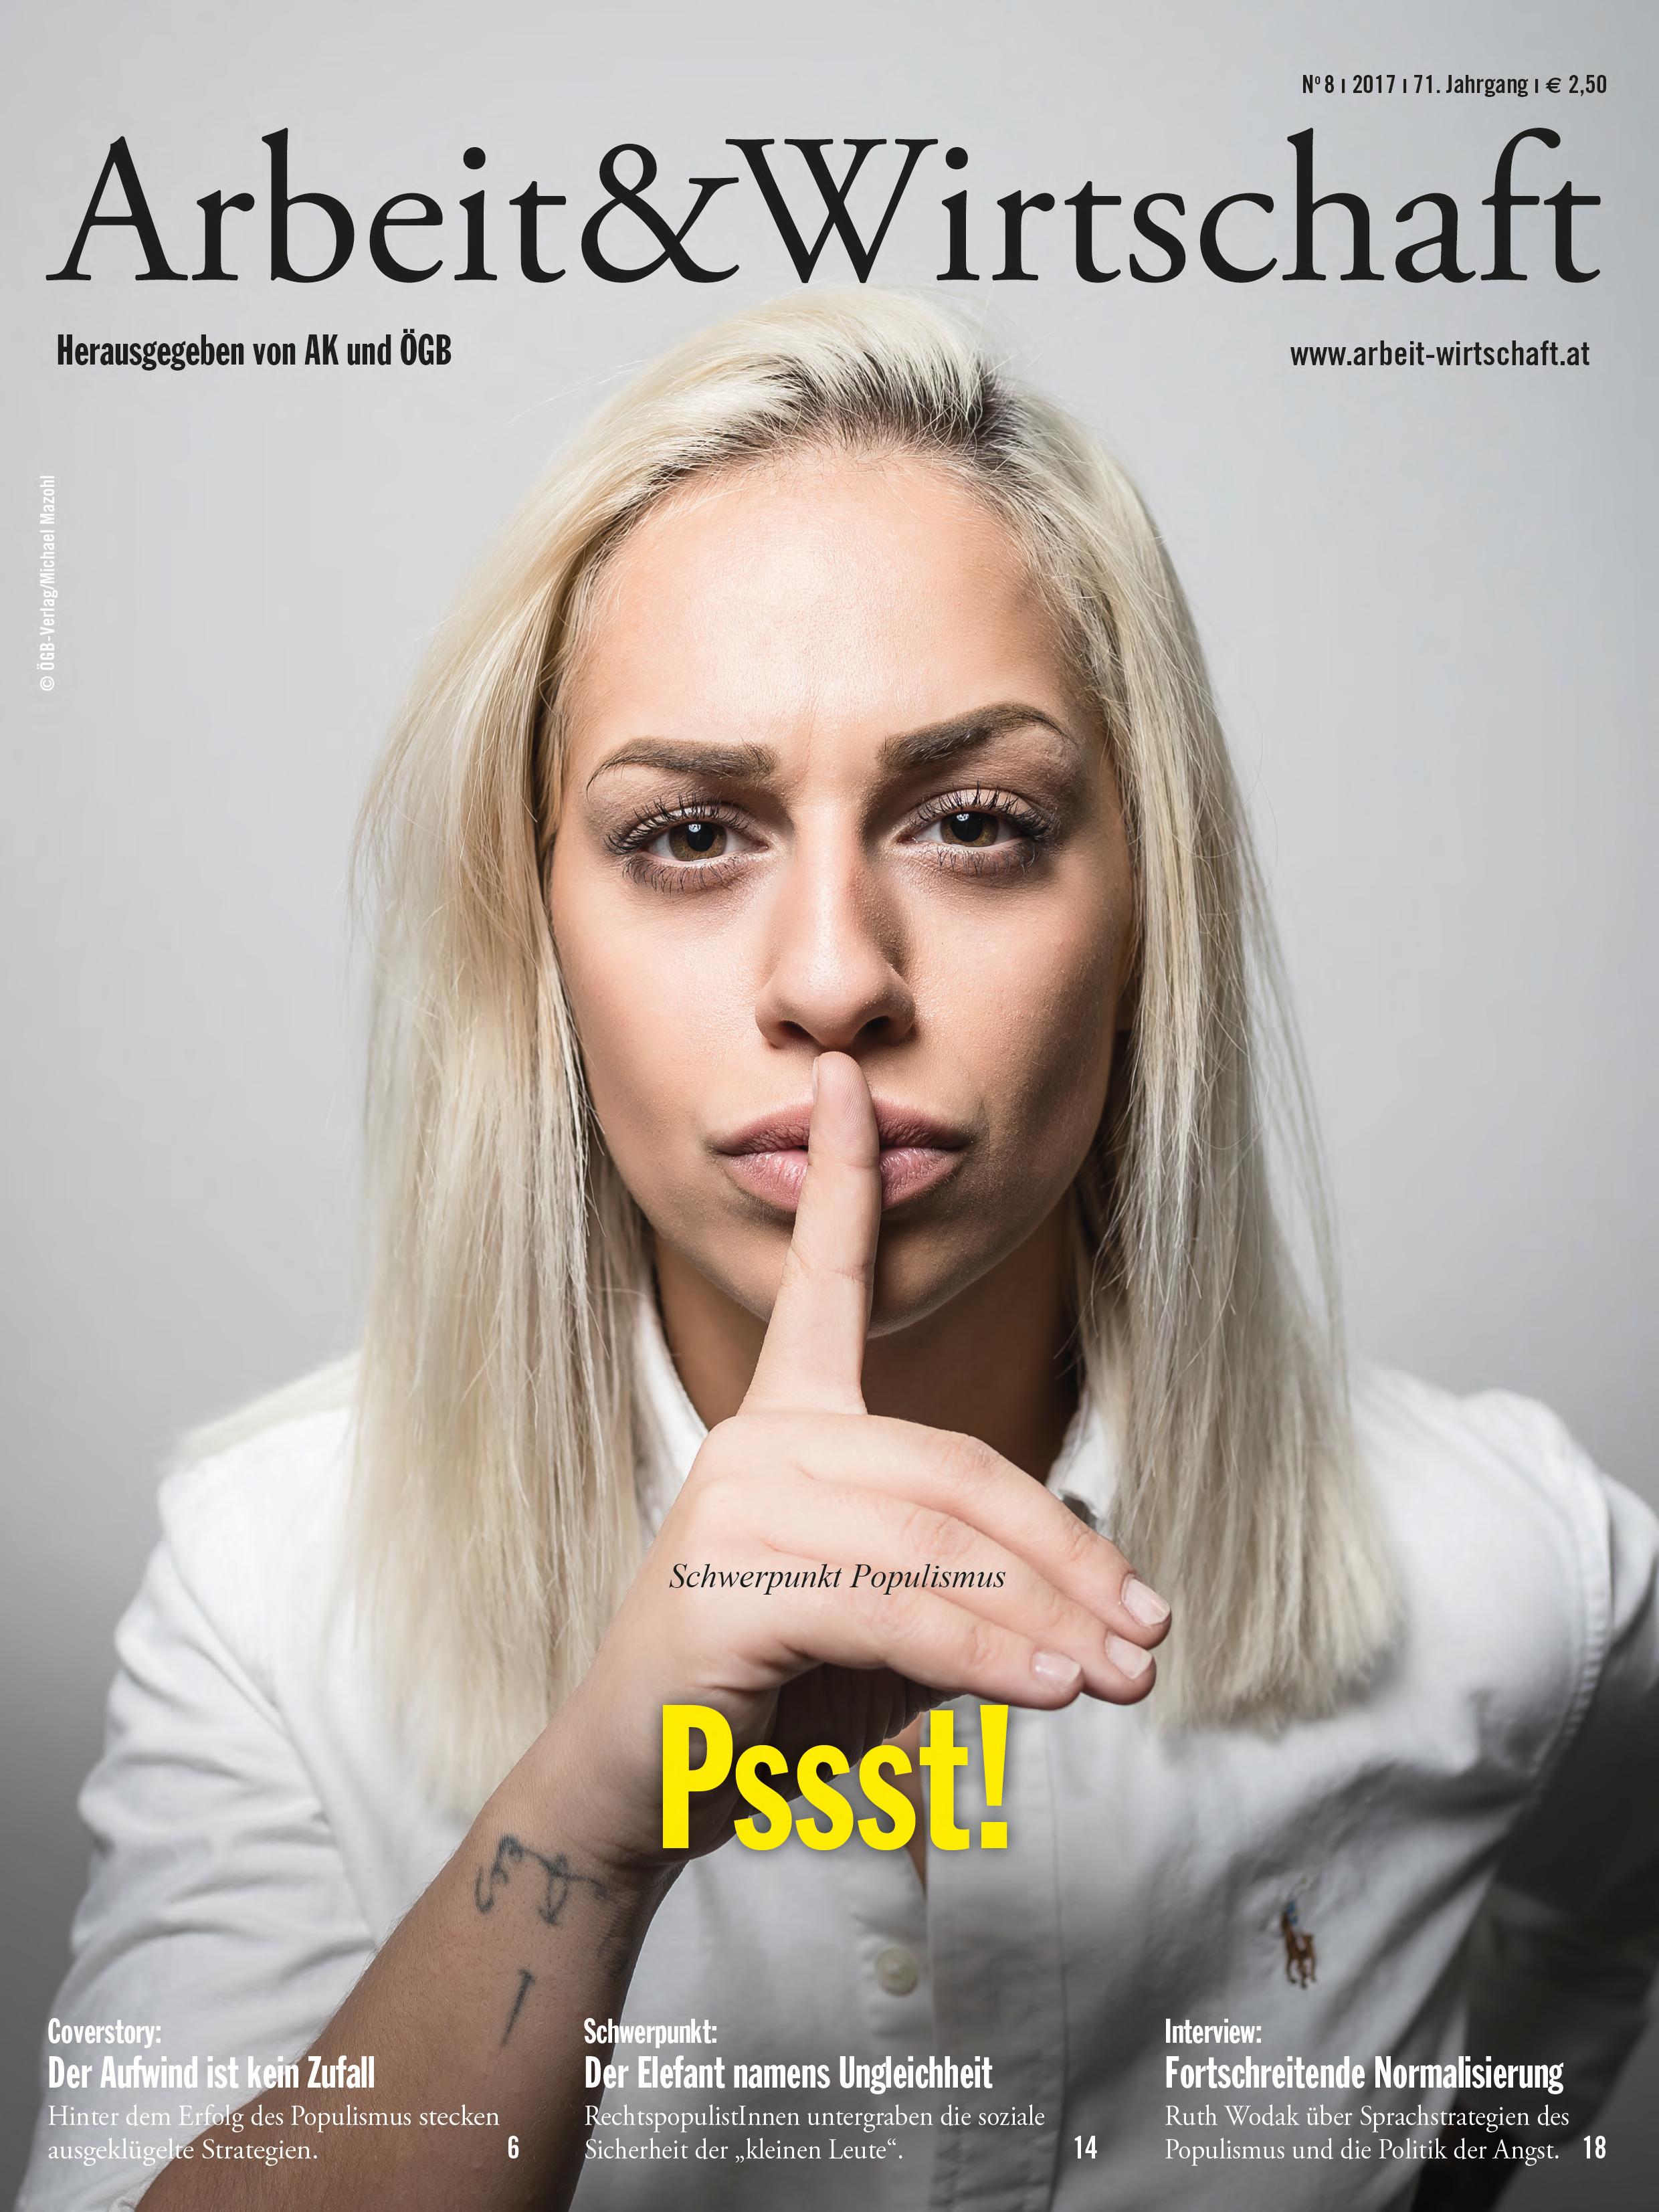 Arbeit&Wirtschaft - Ausgabe Oktober 2017 - Pssst! Schwerpunkt Populismus